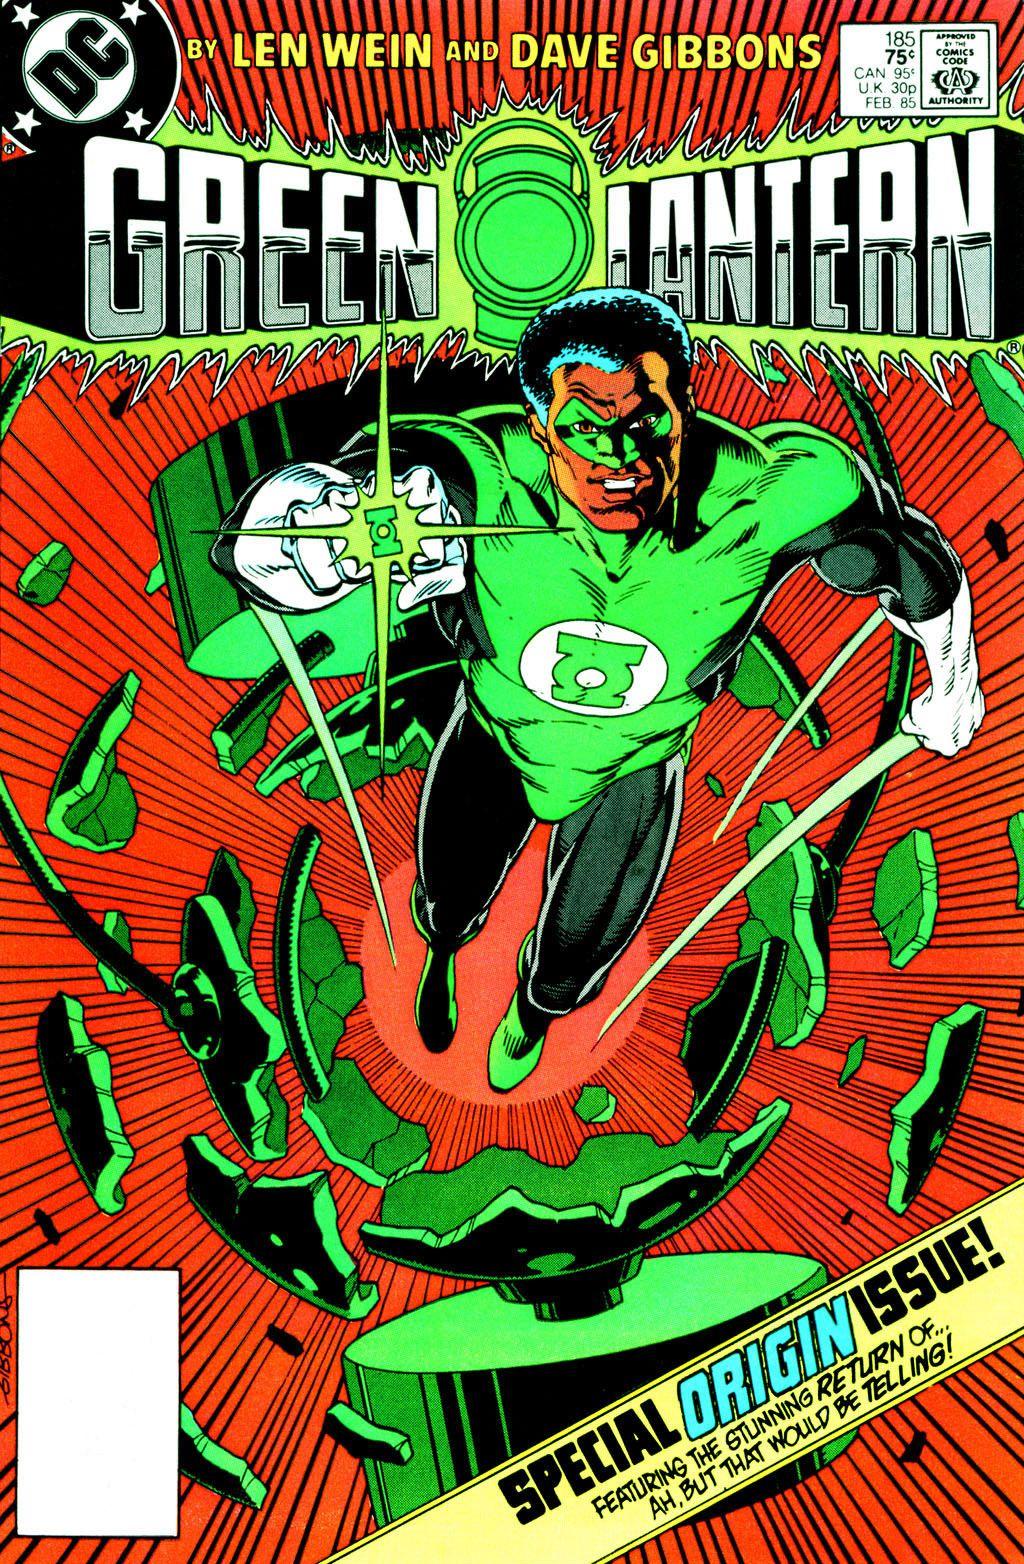 Green Lantern #185, February 1985 - Dave Gibbons   Linterna verde ...